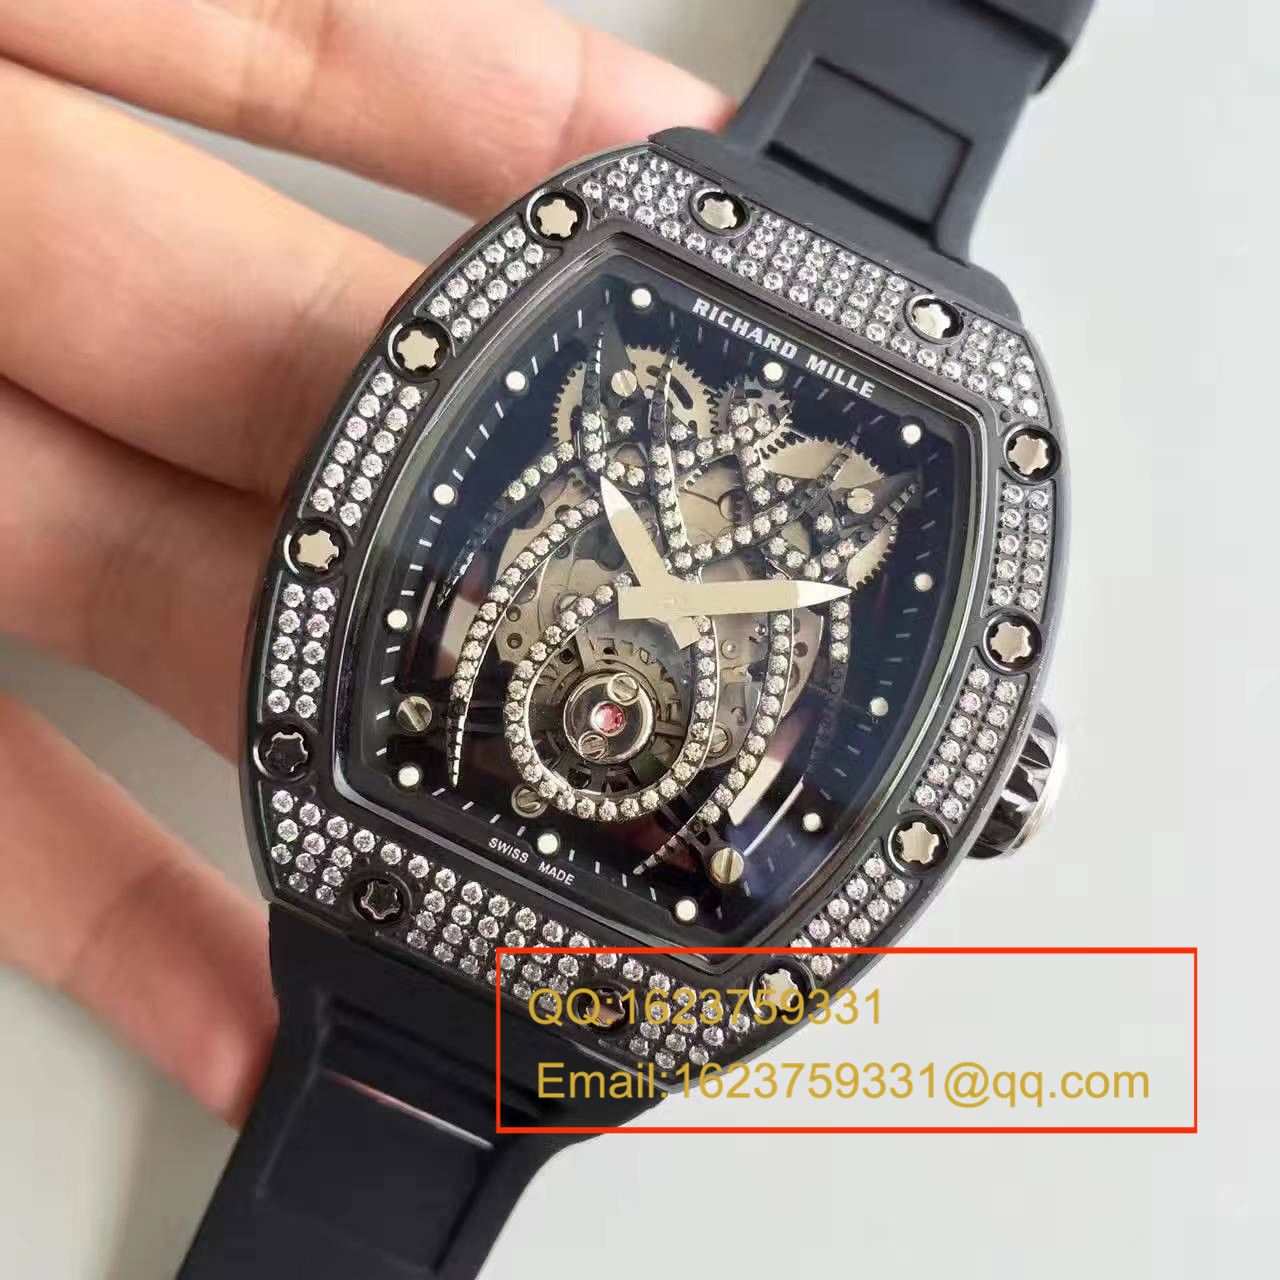 【KV一比一超A精仿手表】理查德·米勒 女士系列RM 19-01 TOURBILLON NATALIE PORTMAN腕表 / RM 19-01